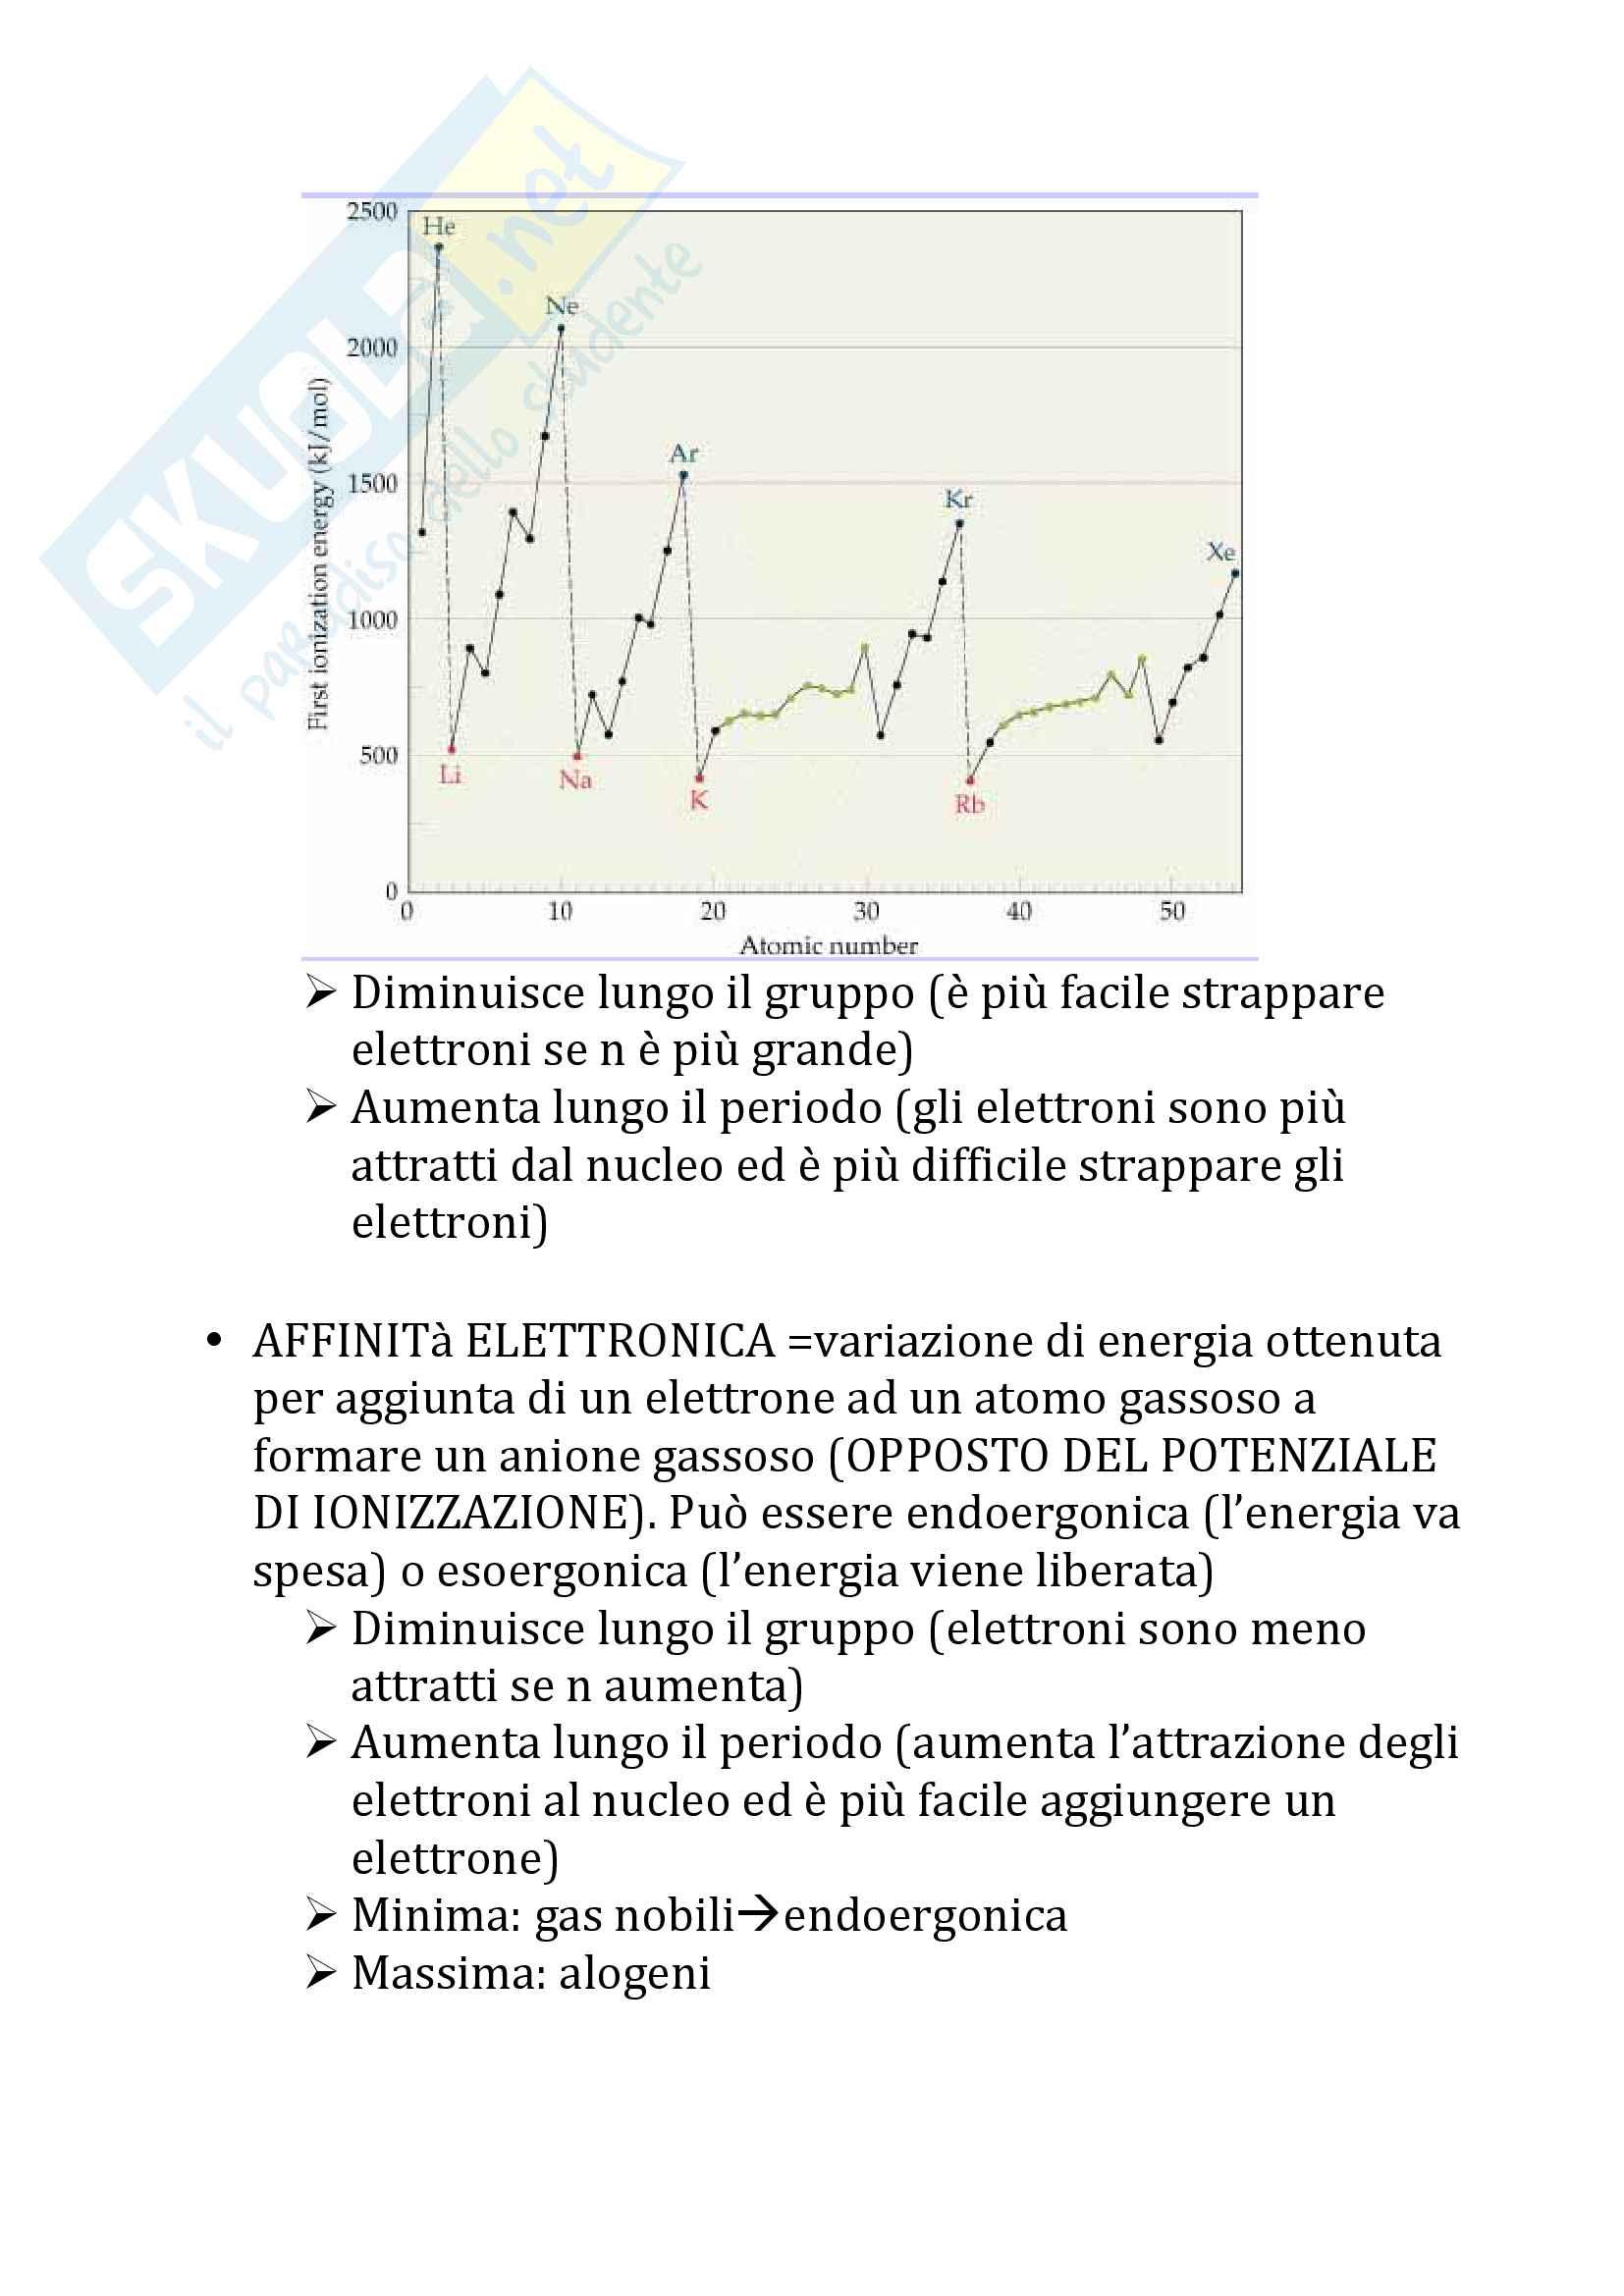 Chimica Inorganica e della materia vivente (parte 2) Pag. 2